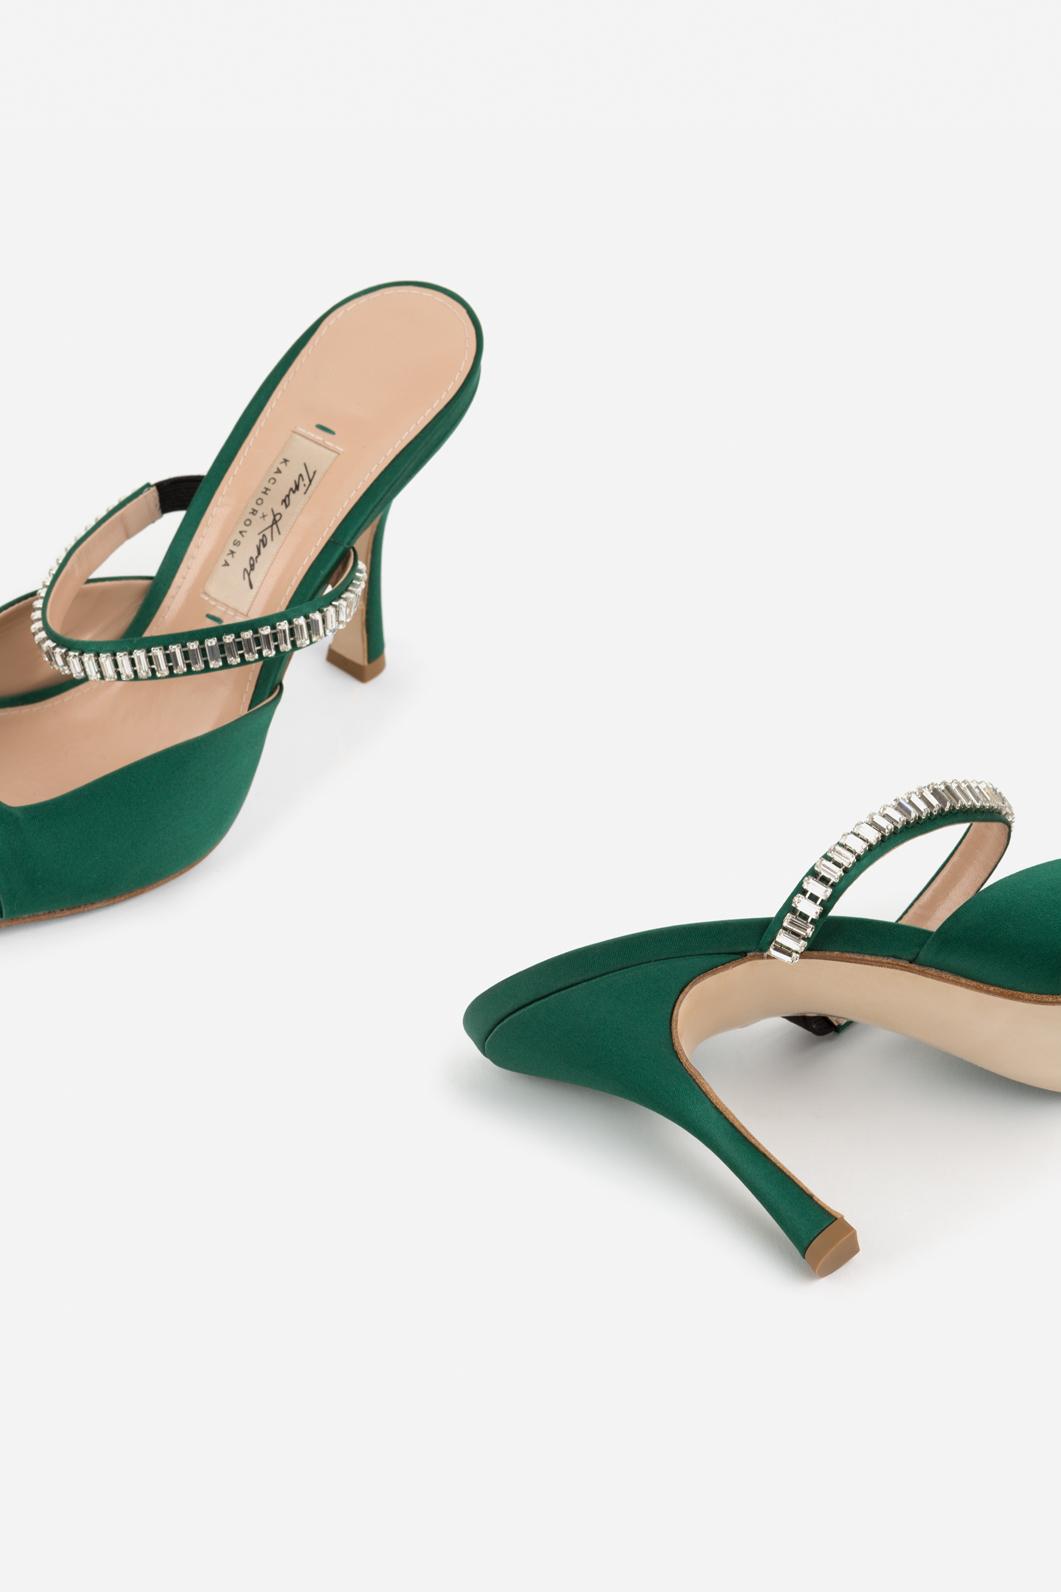 Тина Кароль выпустила собственную коллекцию обуви и сумочек | Караван